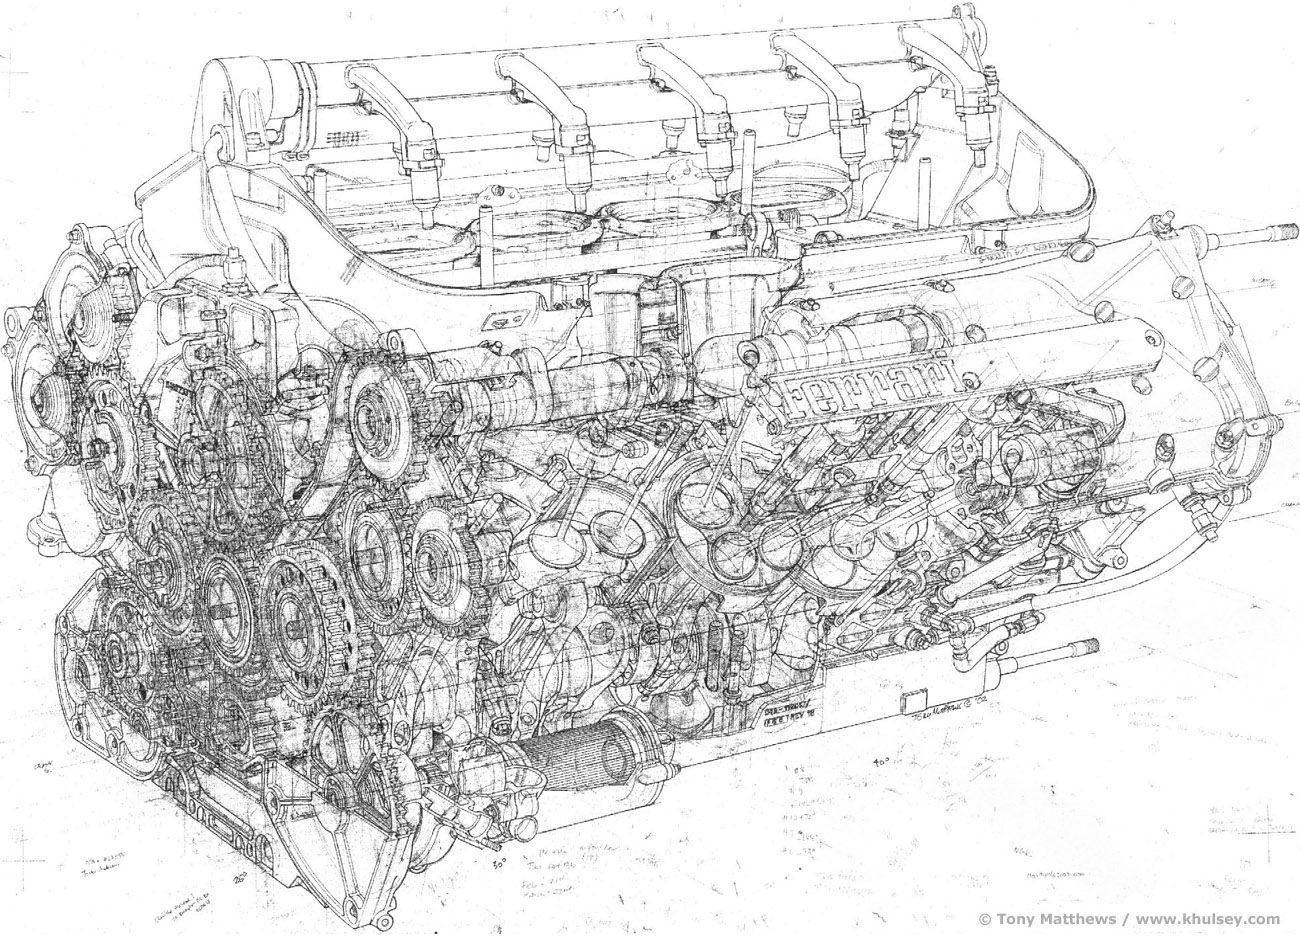 complete ferrari f1 engine drawing by t matthews [ 1300 x 940 Pixel ]